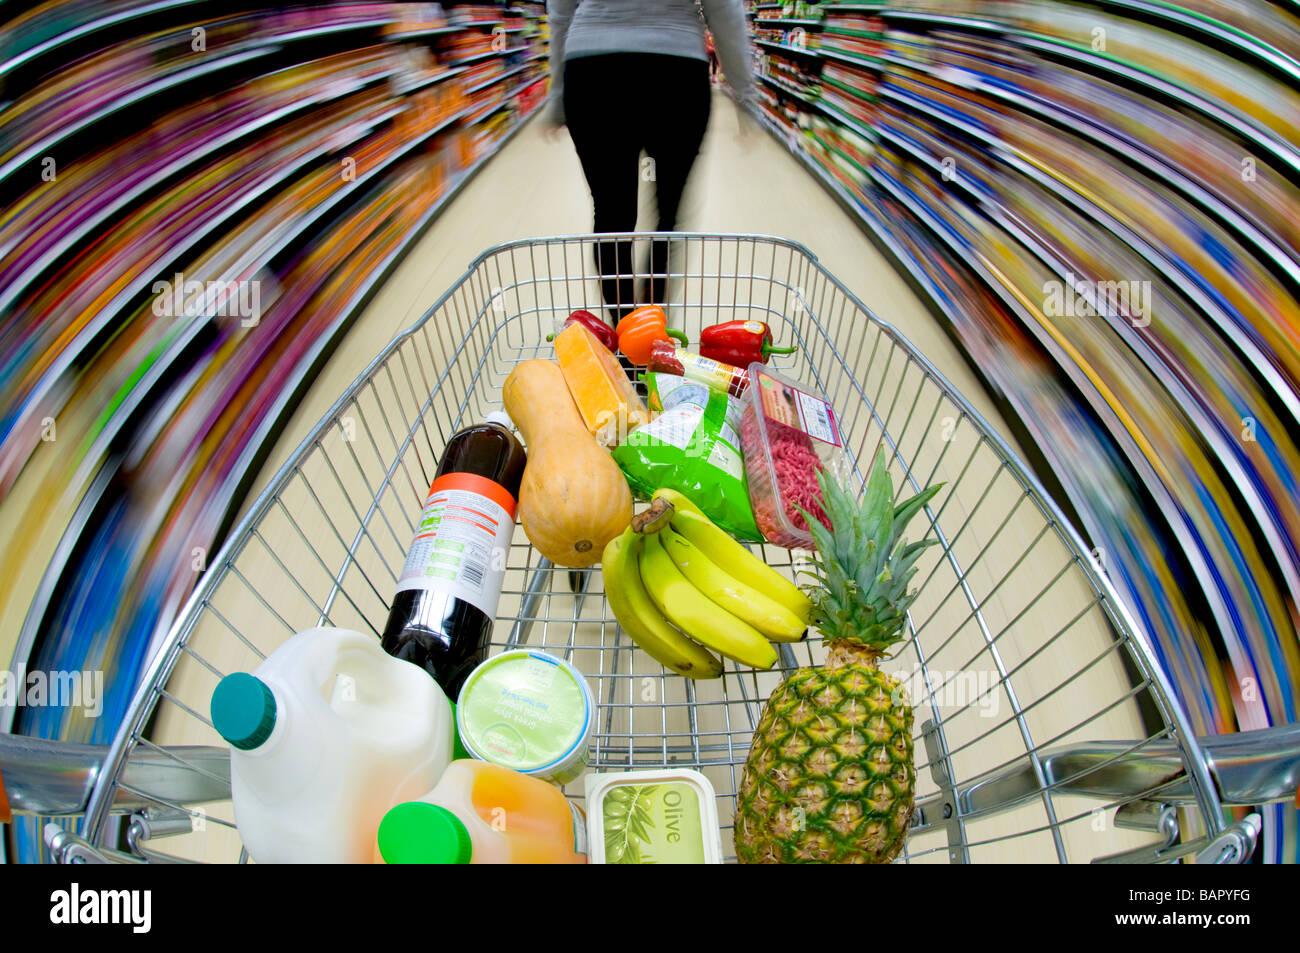 Supermarket Shopping, UK - Stock Image